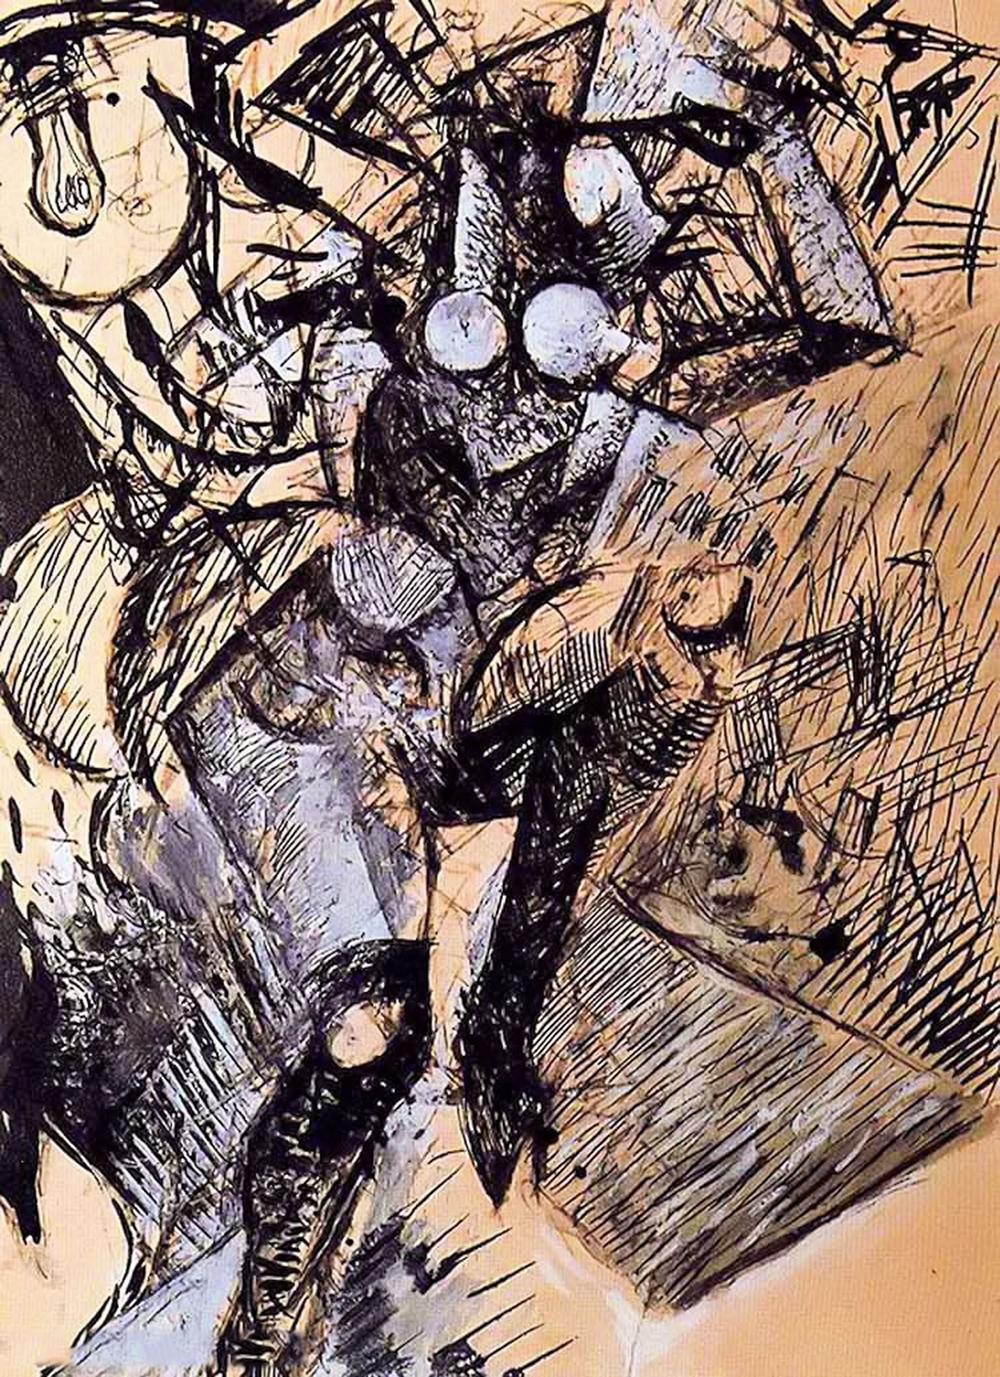 立体与未来主义的忧郁 | 意大利艺术家 Mario Sironi 绘画作品插图29